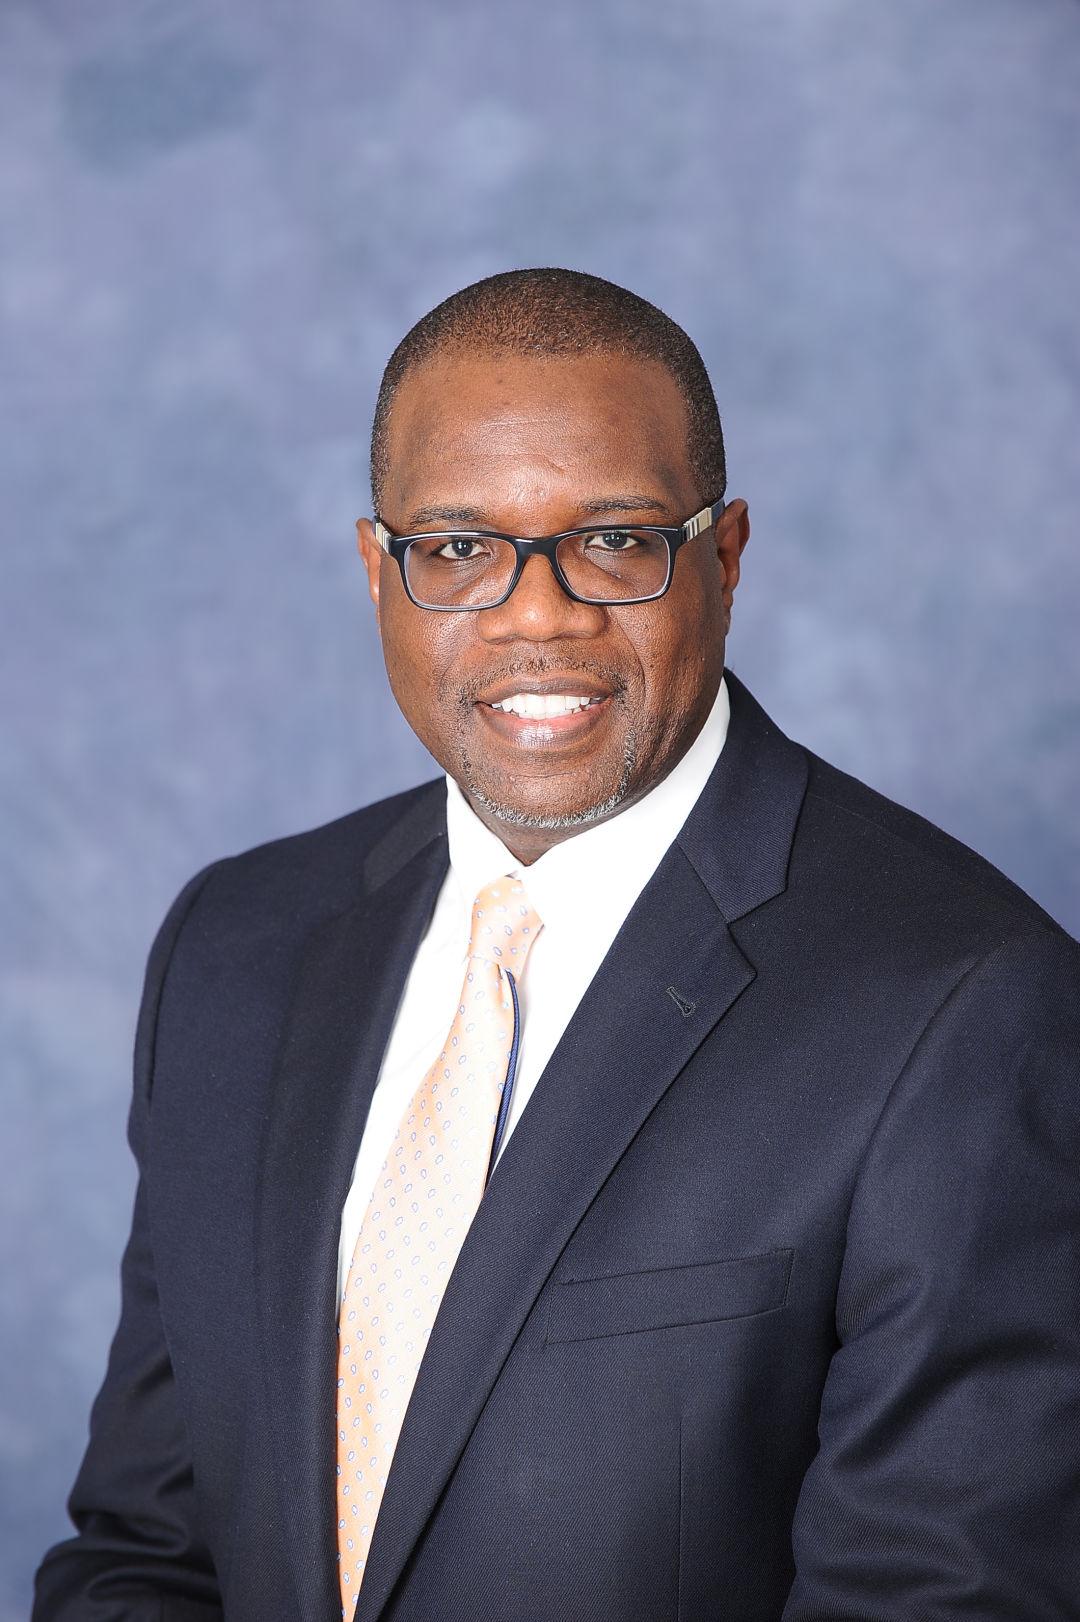 Dr. Damon Wade